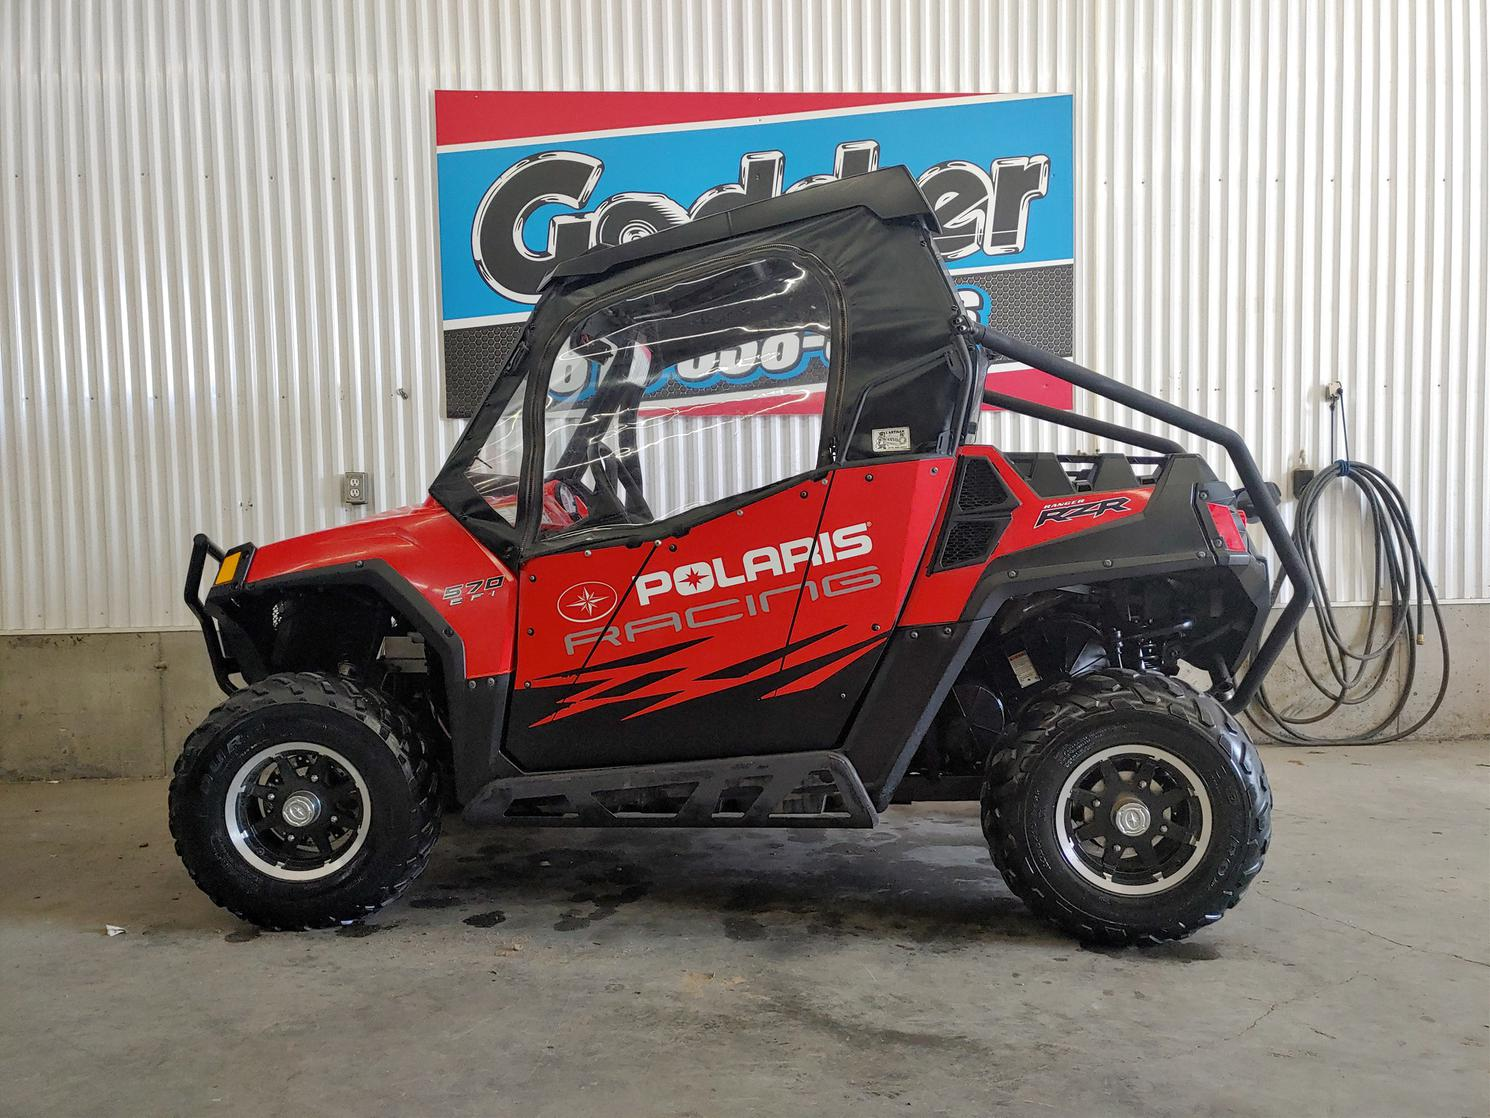 2012 Polaris Ranger RZR 570